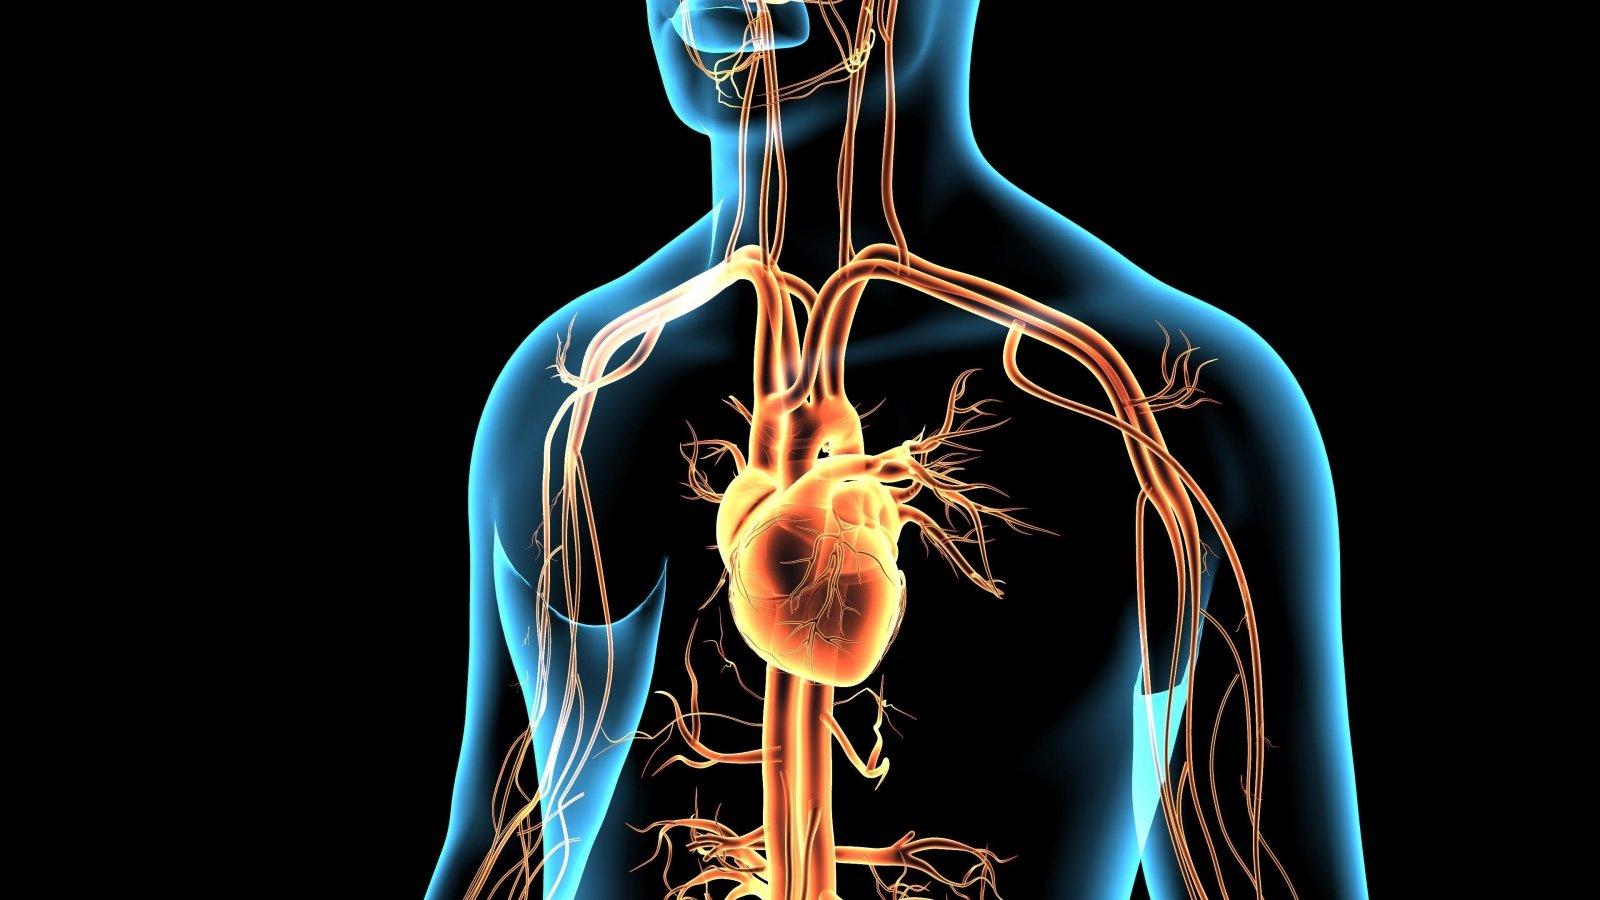 geriausia širdies sveikata kokio slėgio metu diagnozuojama hipertenzija